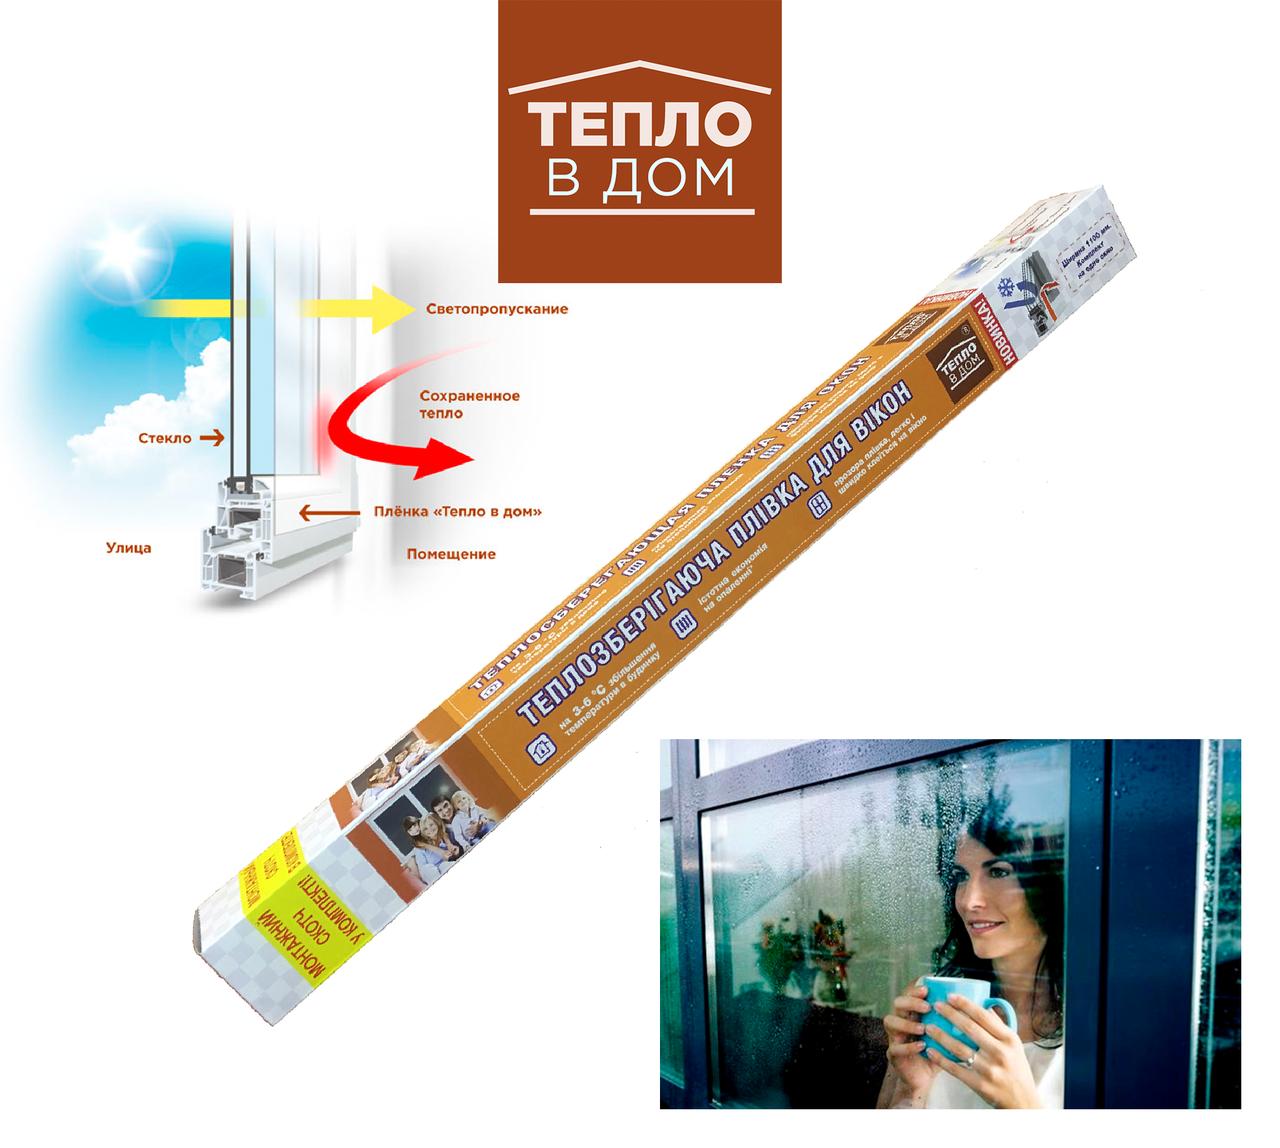 Теплозберігаюча плівка 1,10 х 2,20 м для утеплення вікон ТЕПЛО В БУДИНОК (третє скло)